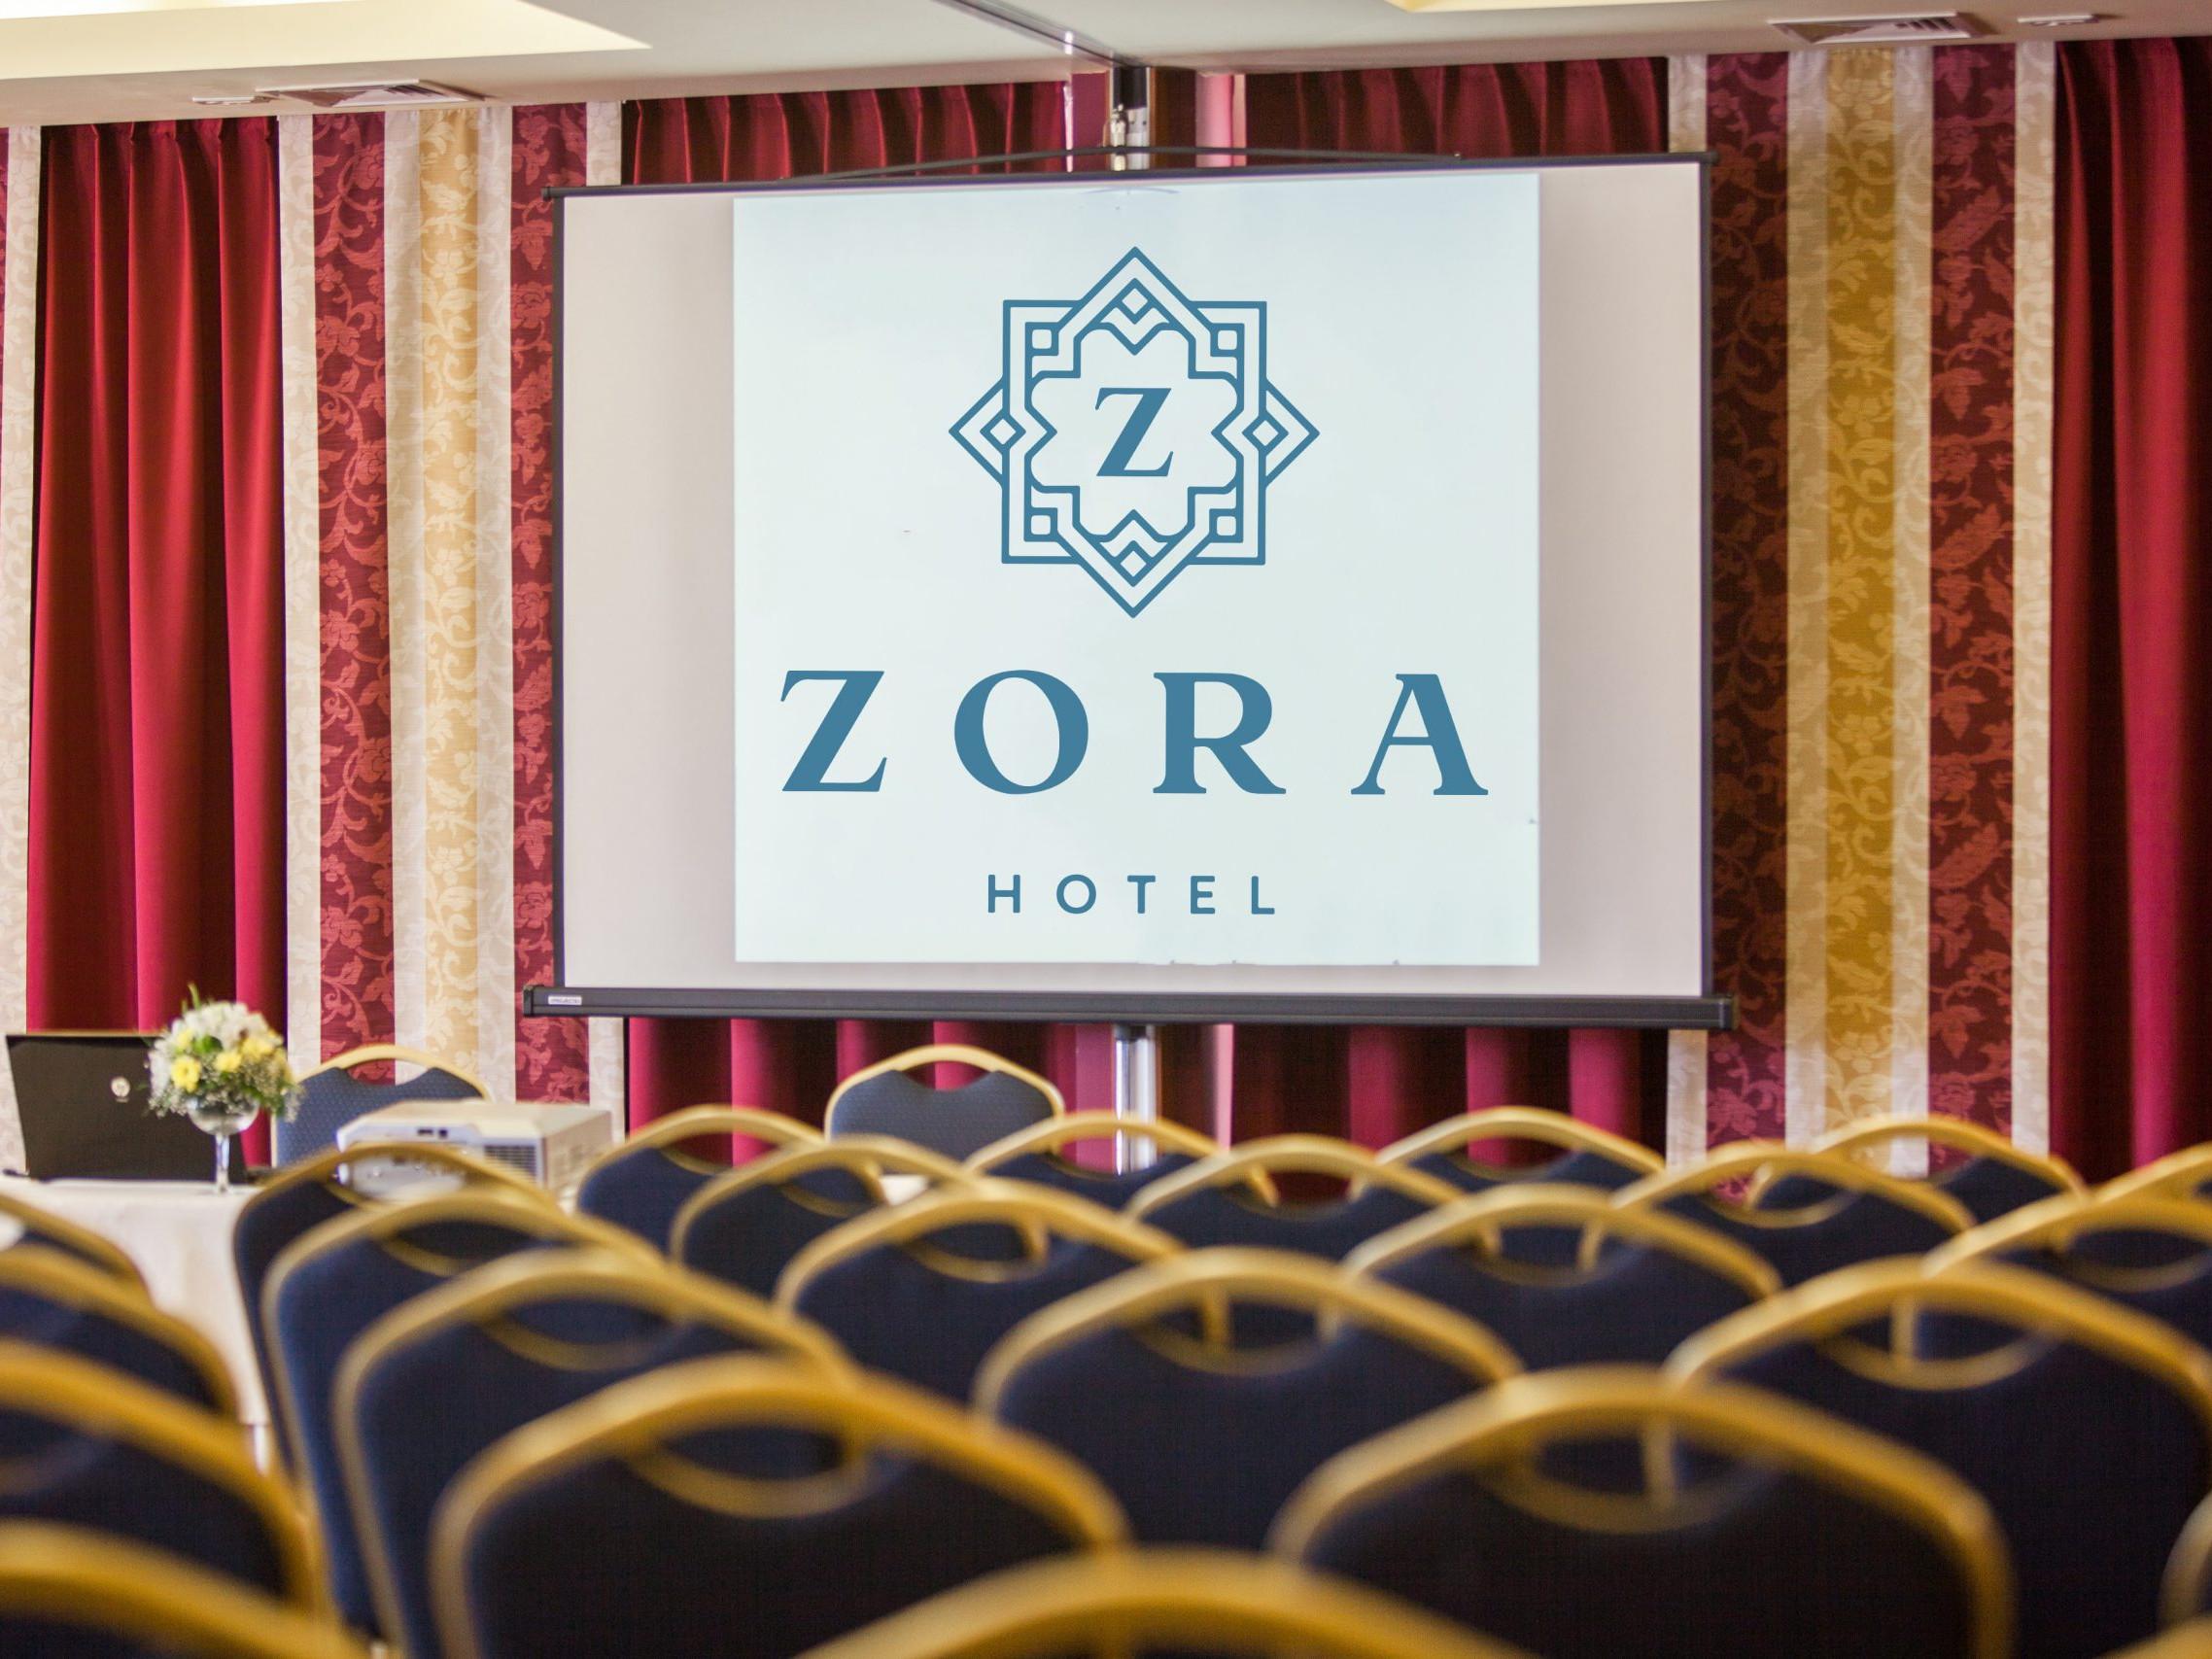 Penkala logo scaled uai - Zora Hotel